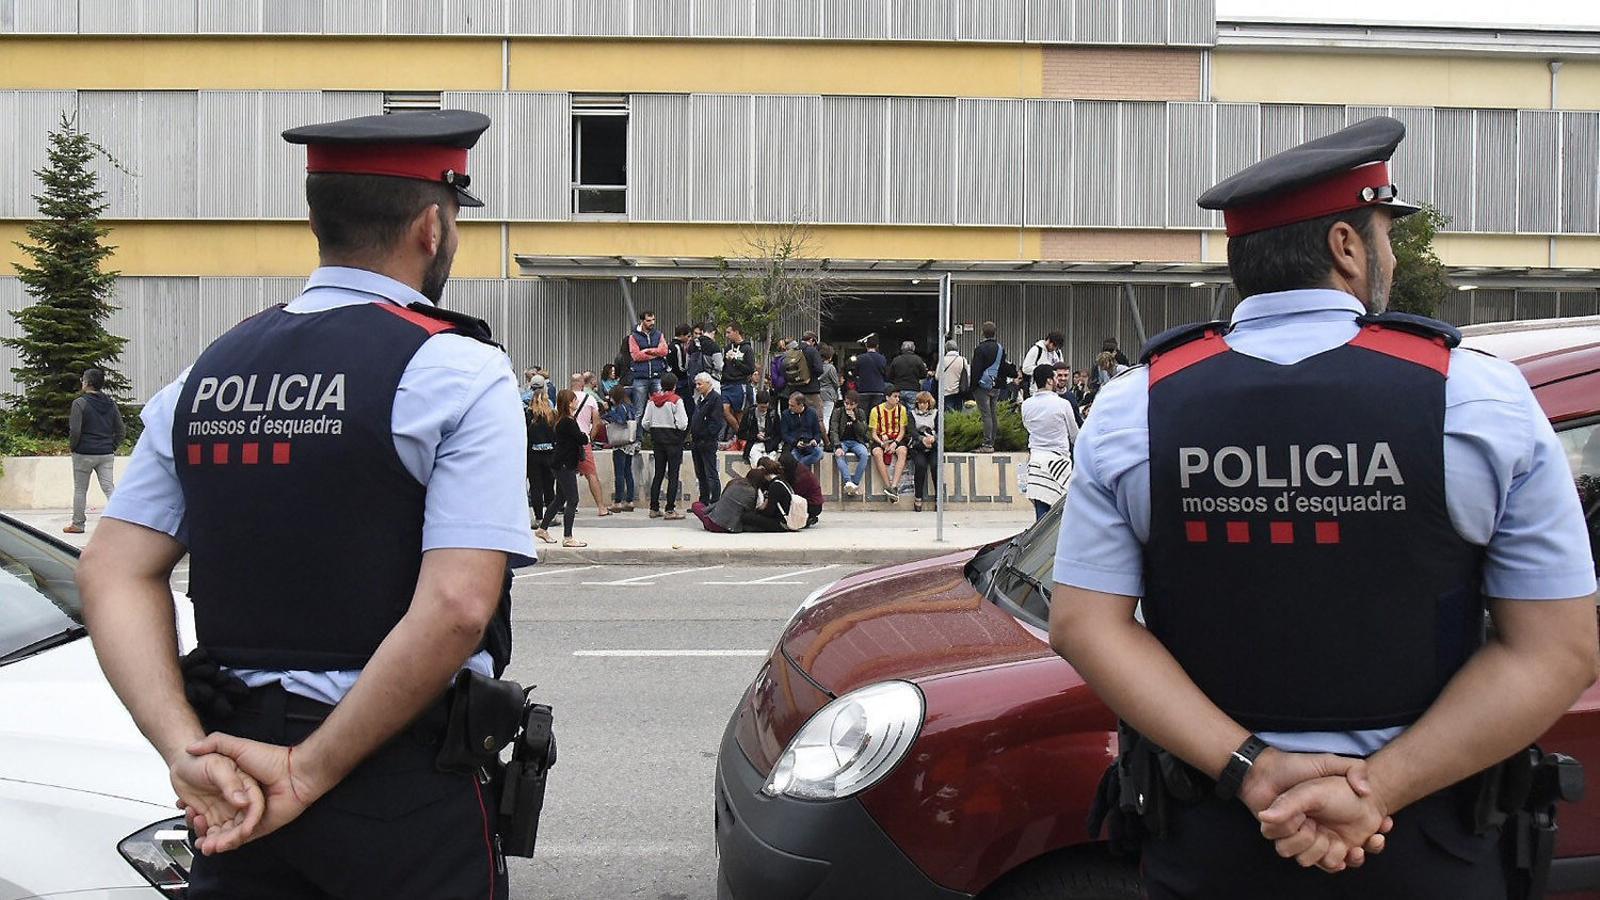 Els Mossos van tancar l'1-O el doble de col·legis que les policies espanyoles